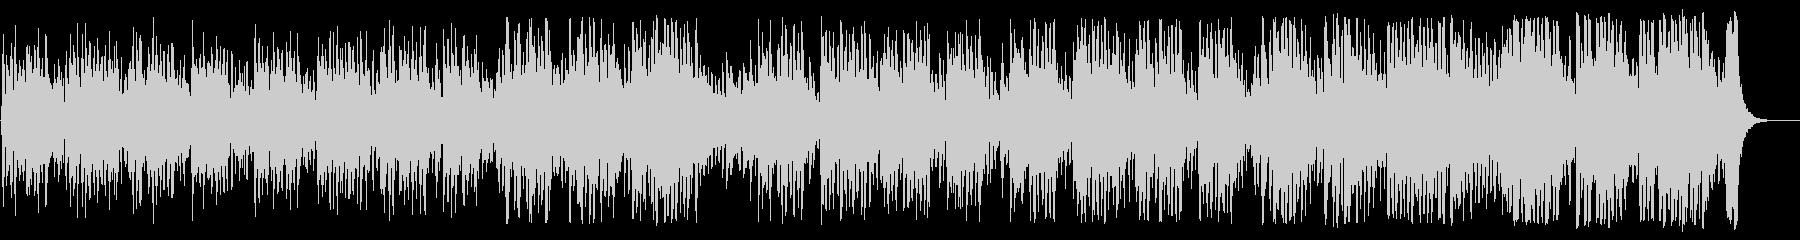 コミカル  オーケストラ 音楽の未再生の波形